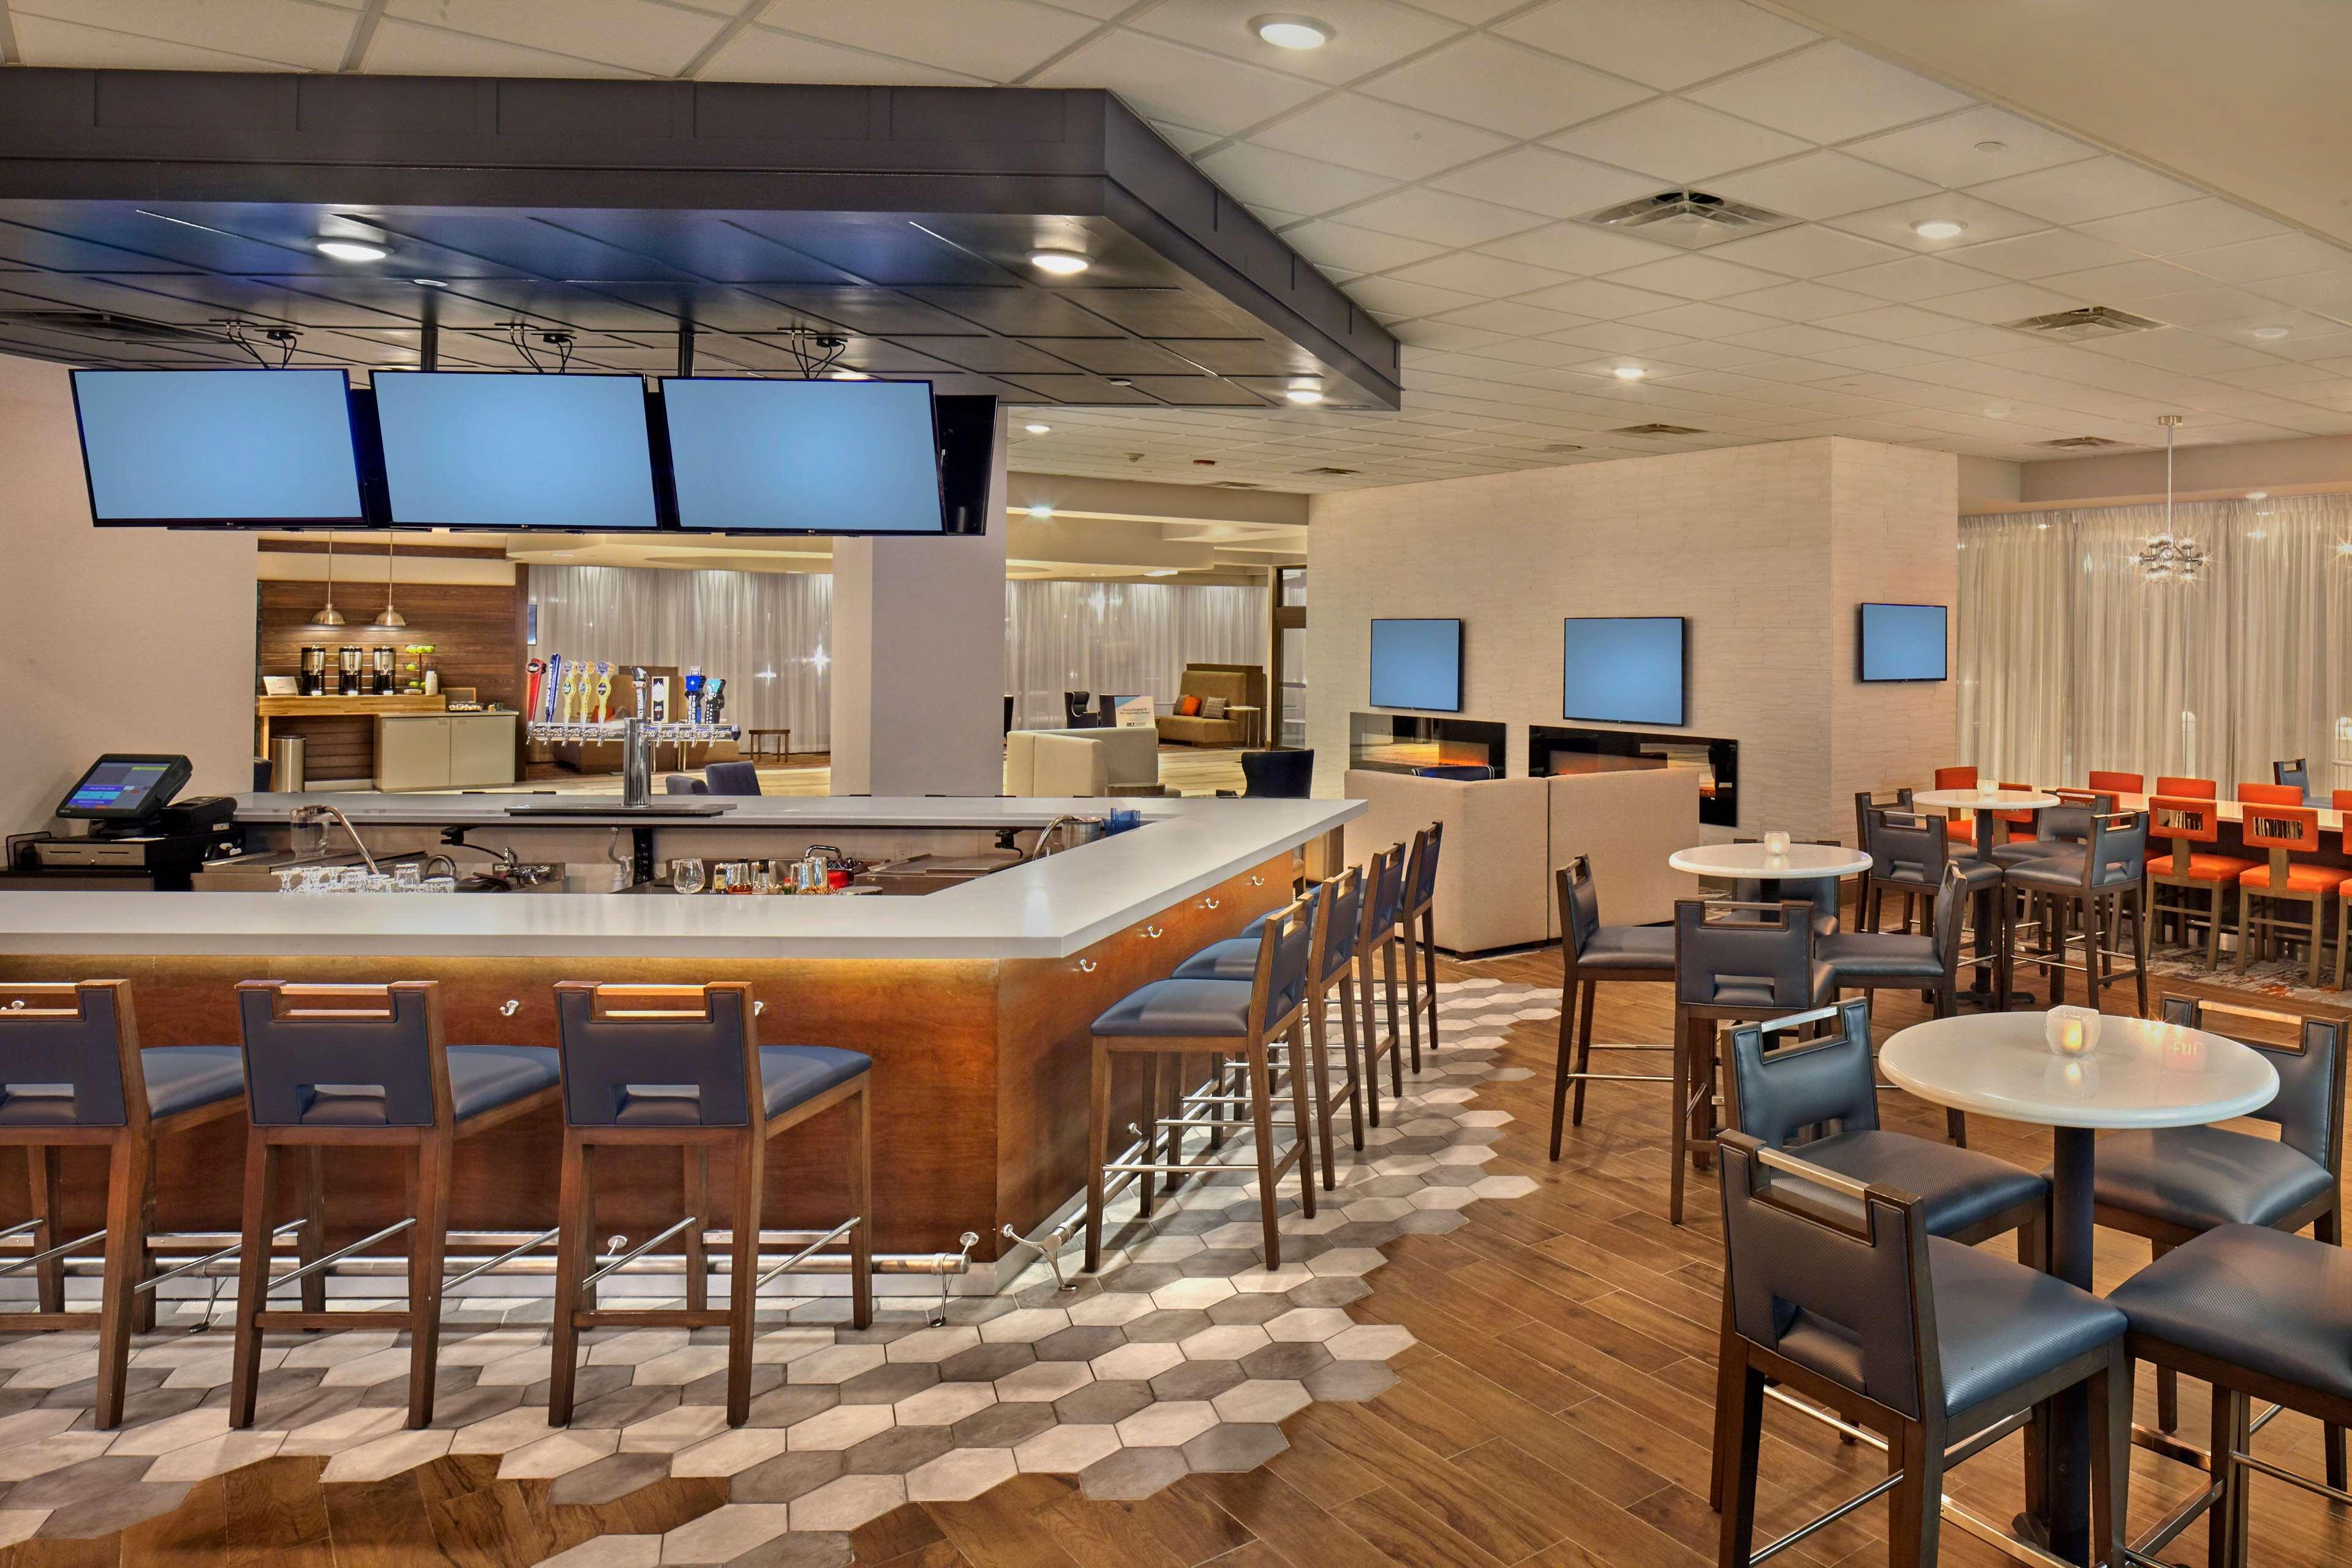 DoubleTree by Hilton Hotel Little Rock image 42